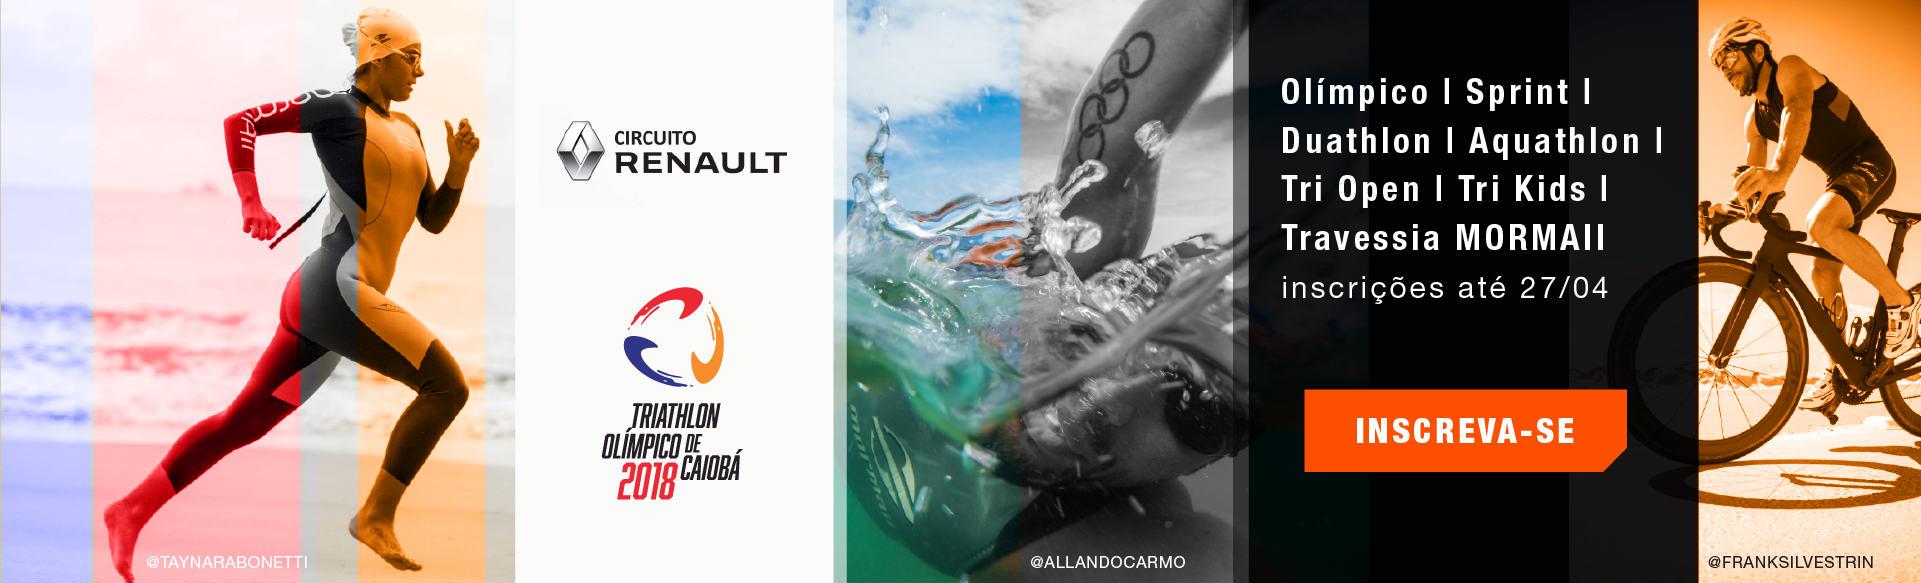 circuito renault triathlon olimpico